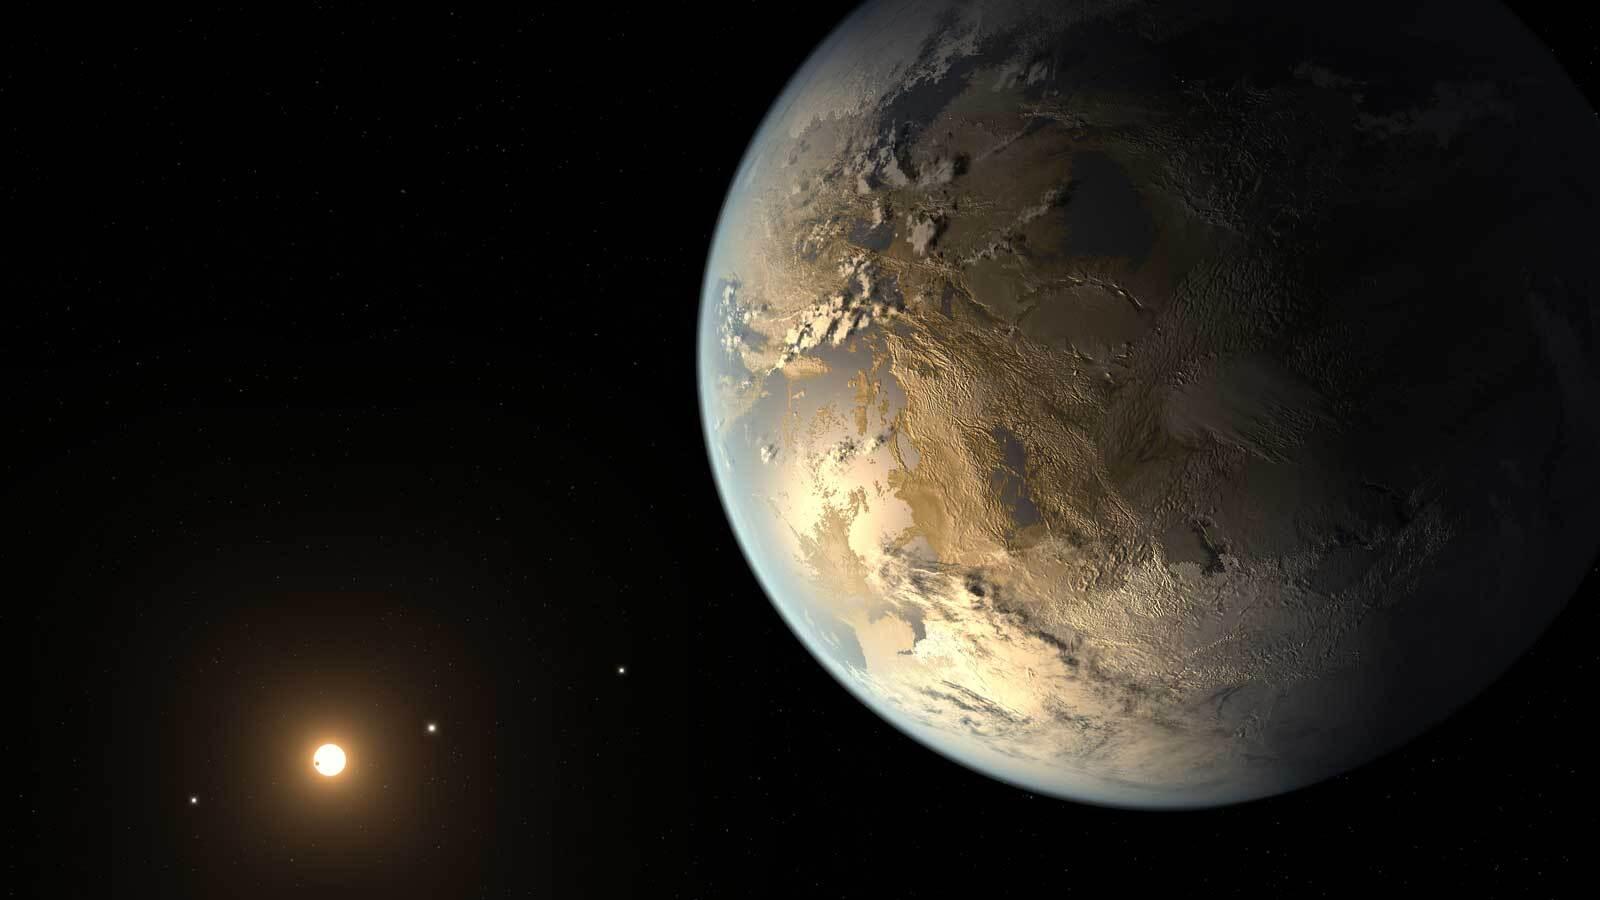 ربما يوجد نحو 300 مليون من العوالم الصالحة للسكن في مجرة درب التبانة - الكواكب الصخرية التي تدور حول نجوم مثل الشمس - الكواكب الخارجية - تلسكوب كبلر